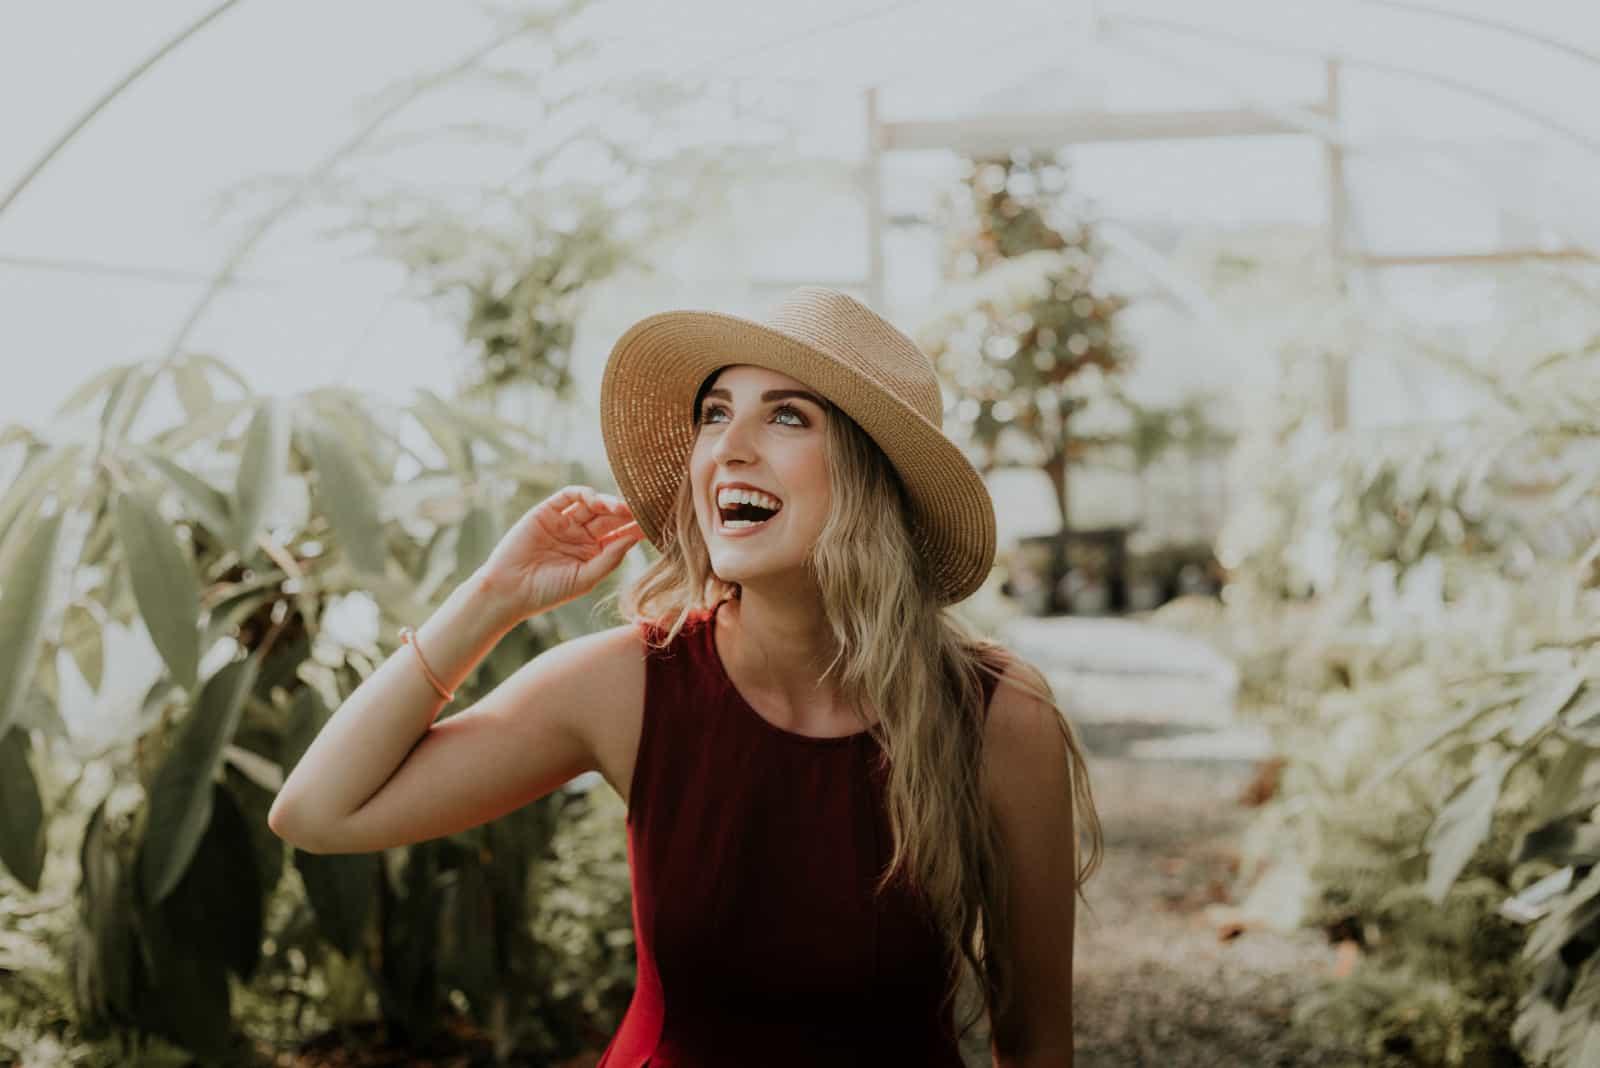 femme avec chapeau souriant en plein air